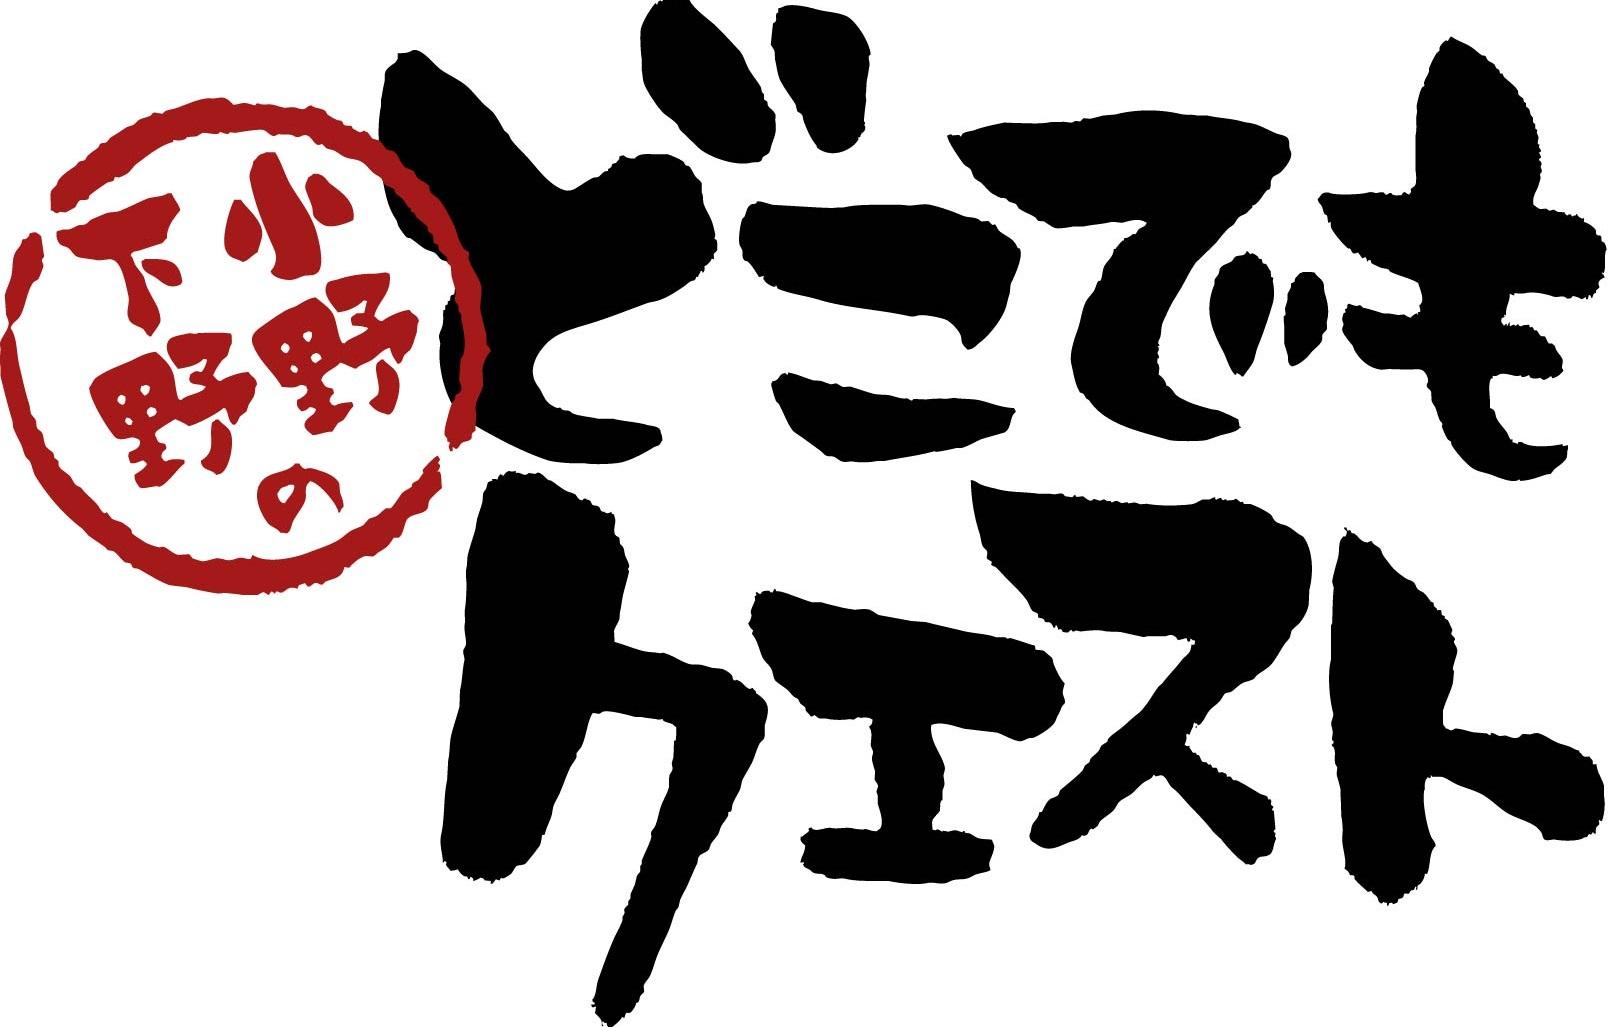 小野大輔さん&下野紘さんによる7月放送番組『小野下野のどこでもクエスト』が早くもDVD発売決定! 未公開映像が盛りだくさん!-2